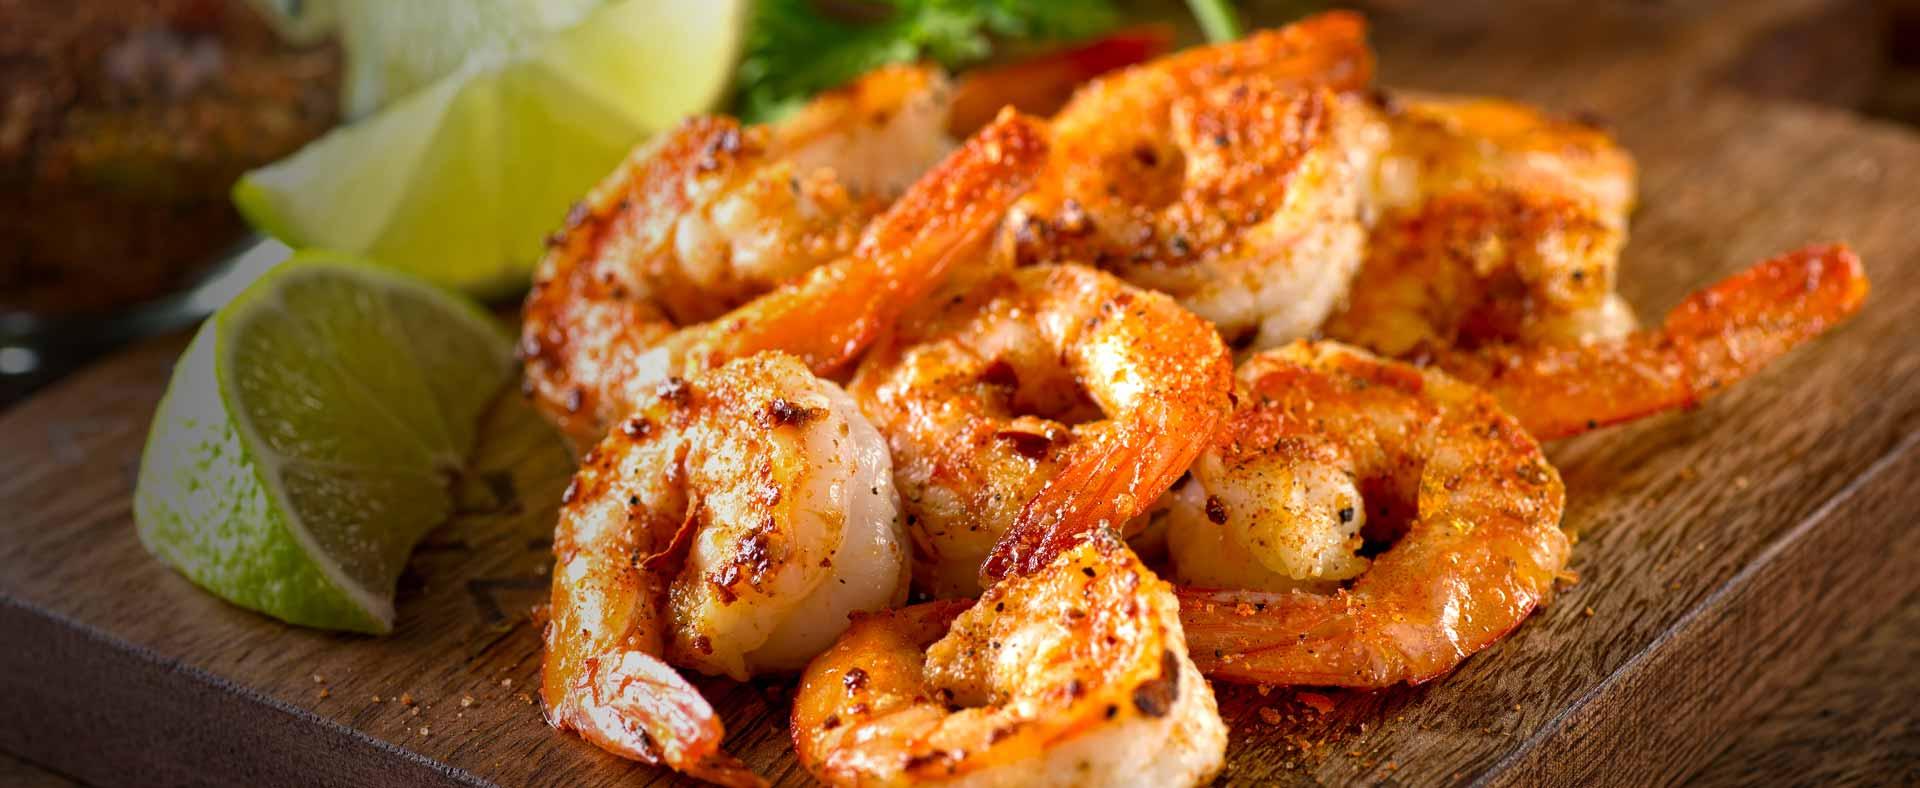 Shrimp Southwestern Style